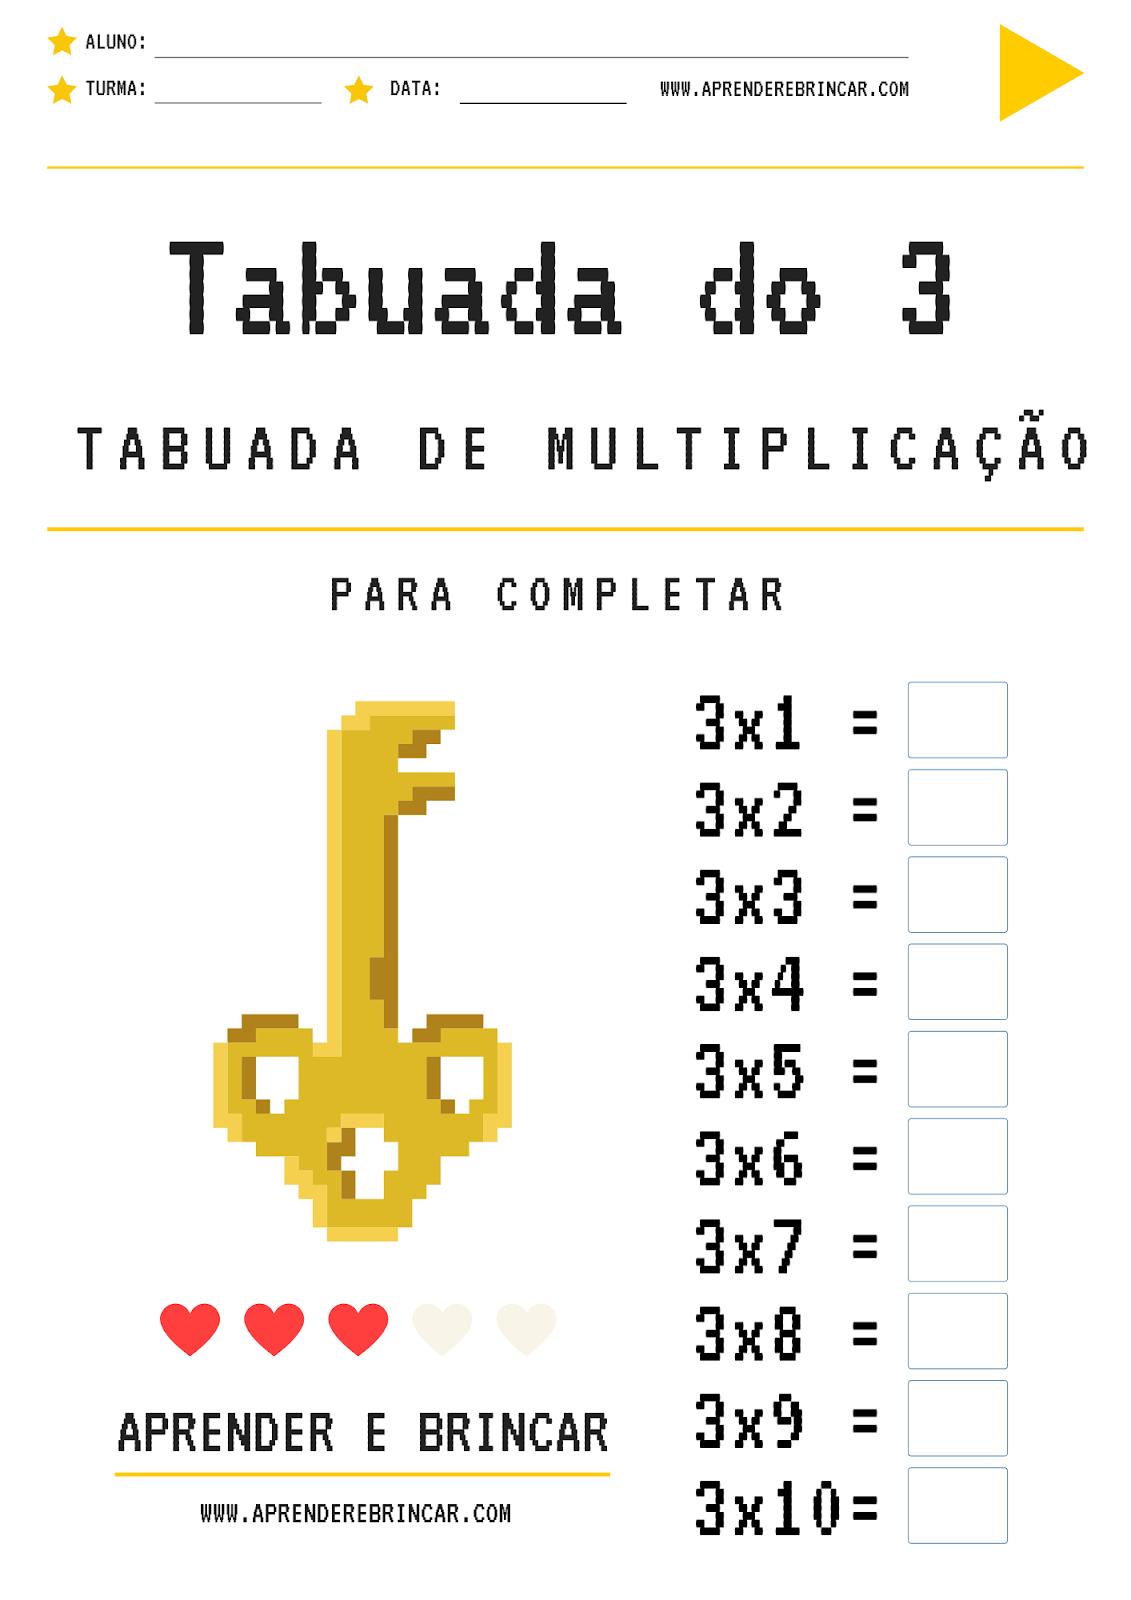 Tabuada de multiplicação do 3